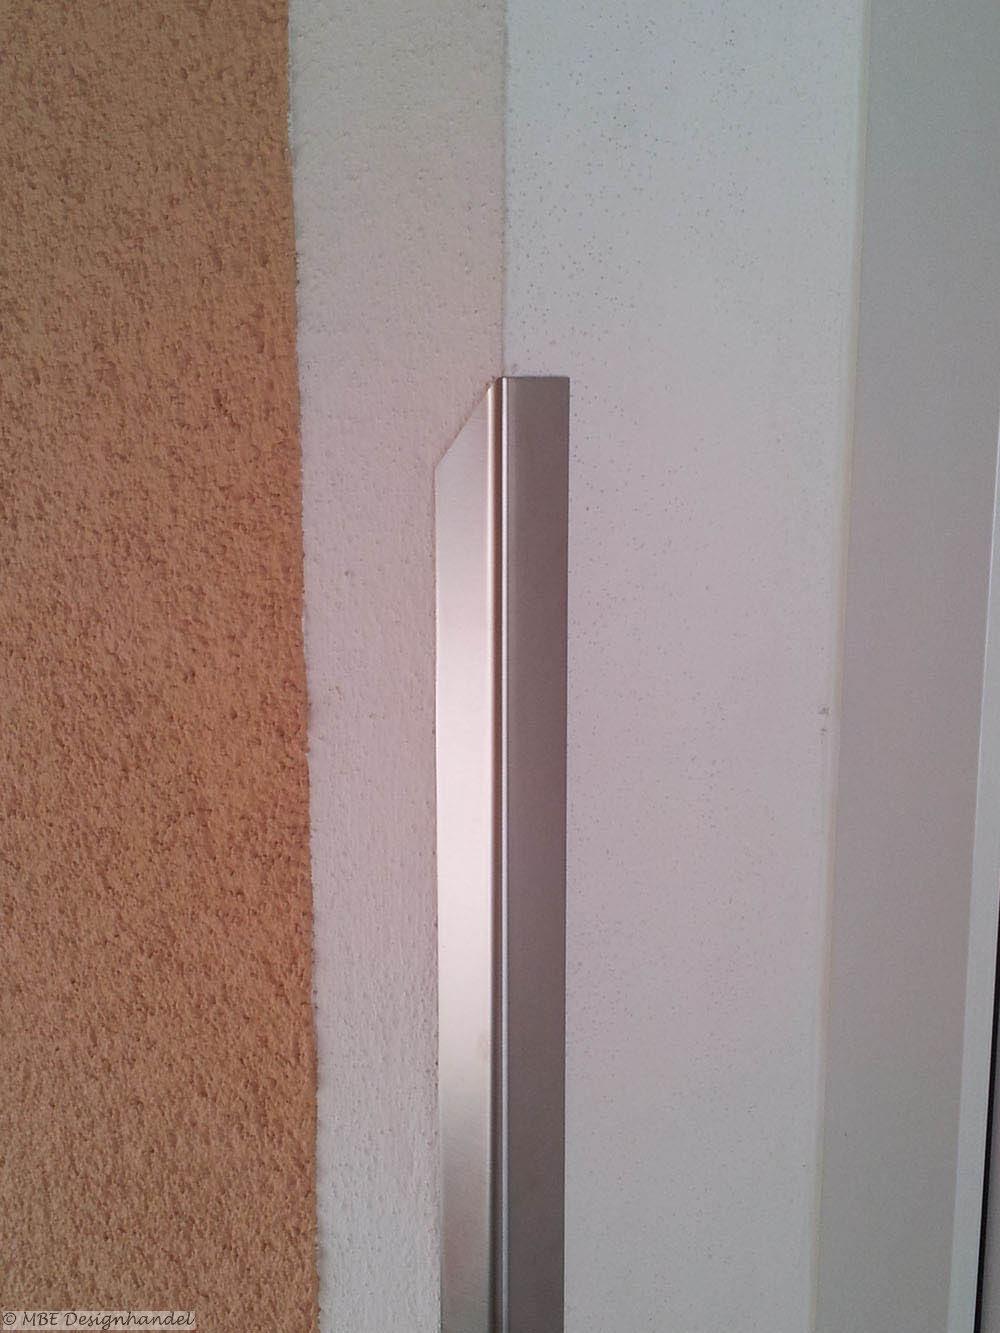 design kantenschutz mit einseitiger halbspitze 20x20mm l nge 1m. Black Bedroom Furniture Sets. Home Design Ideas